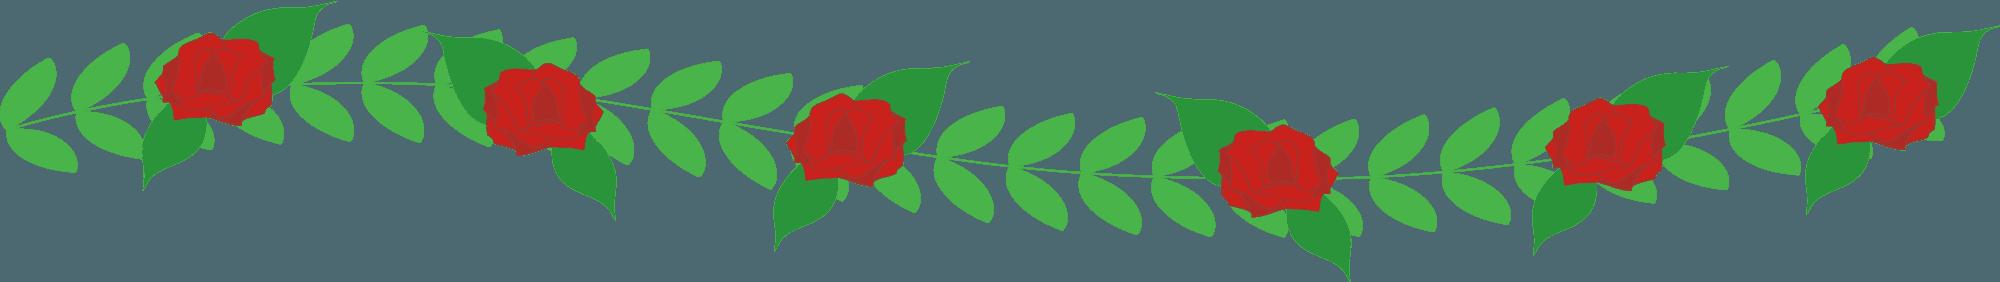 薔薇の花のライン素材